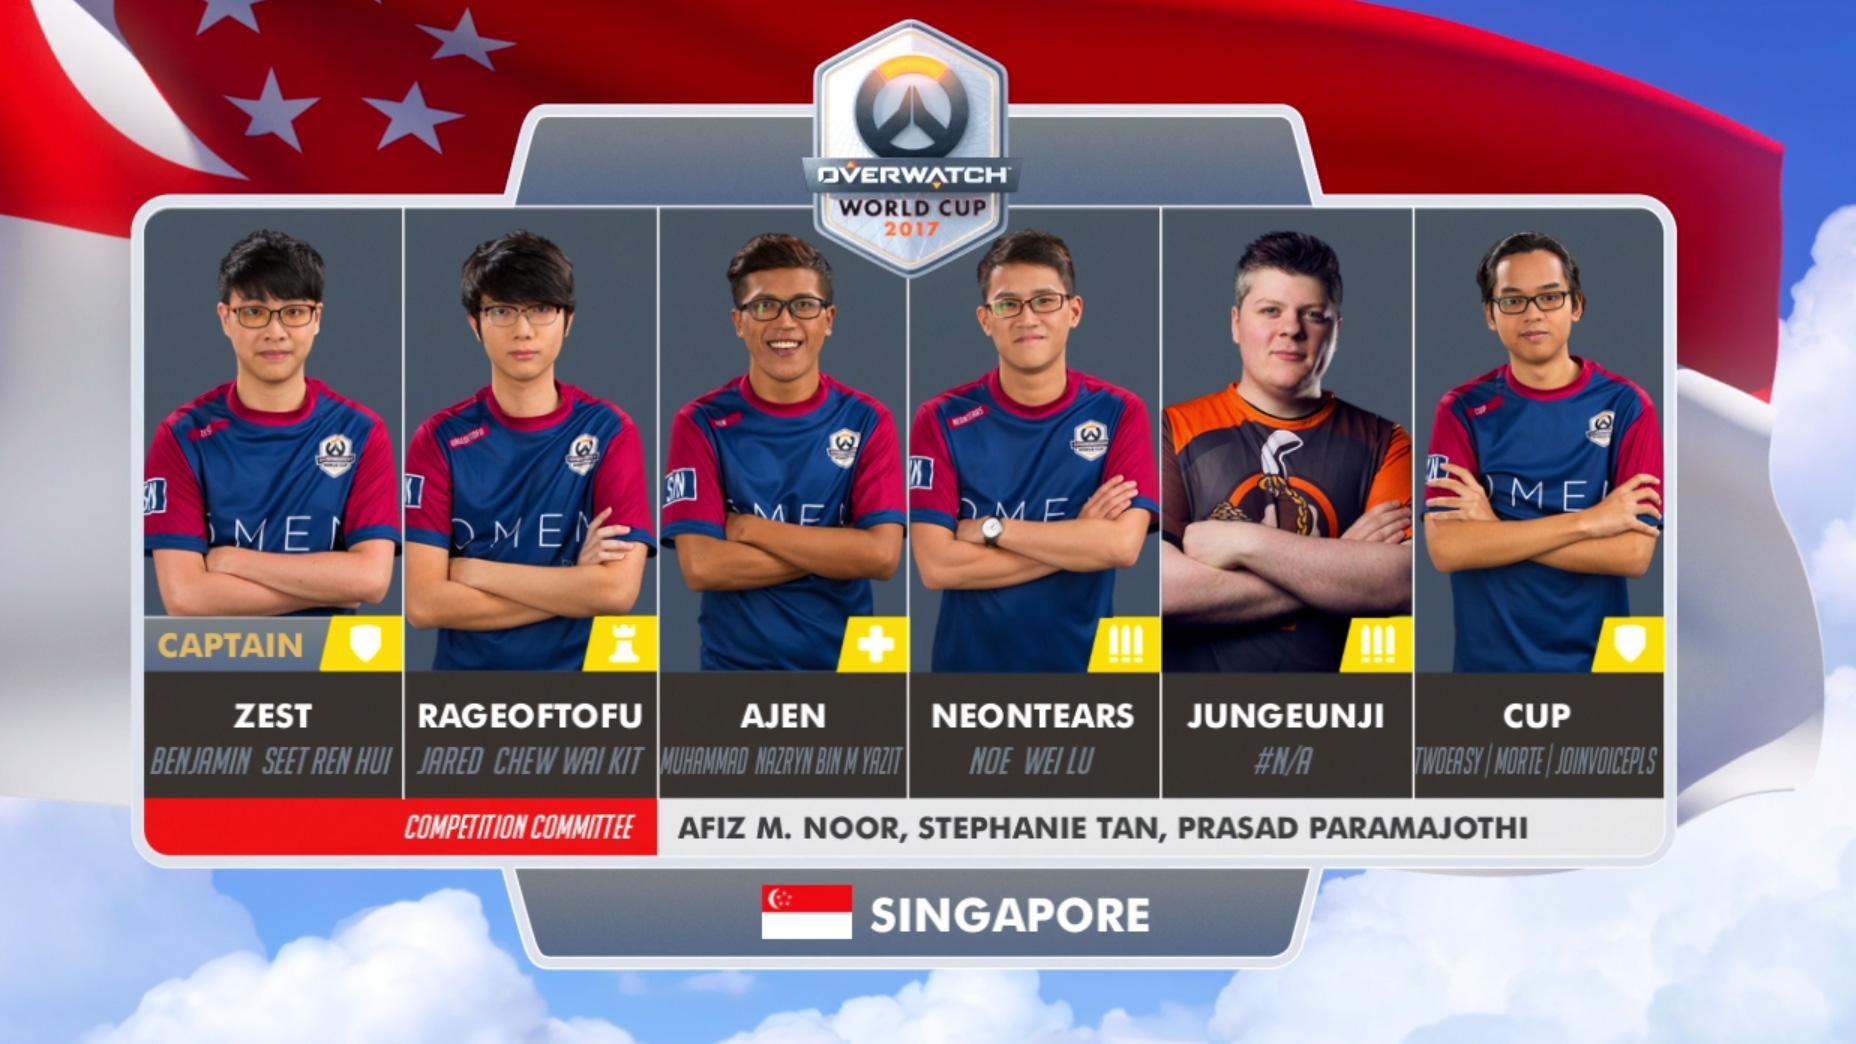 Lịch thi đấu Overwatch World Cup 2017: Bảng E và F 7